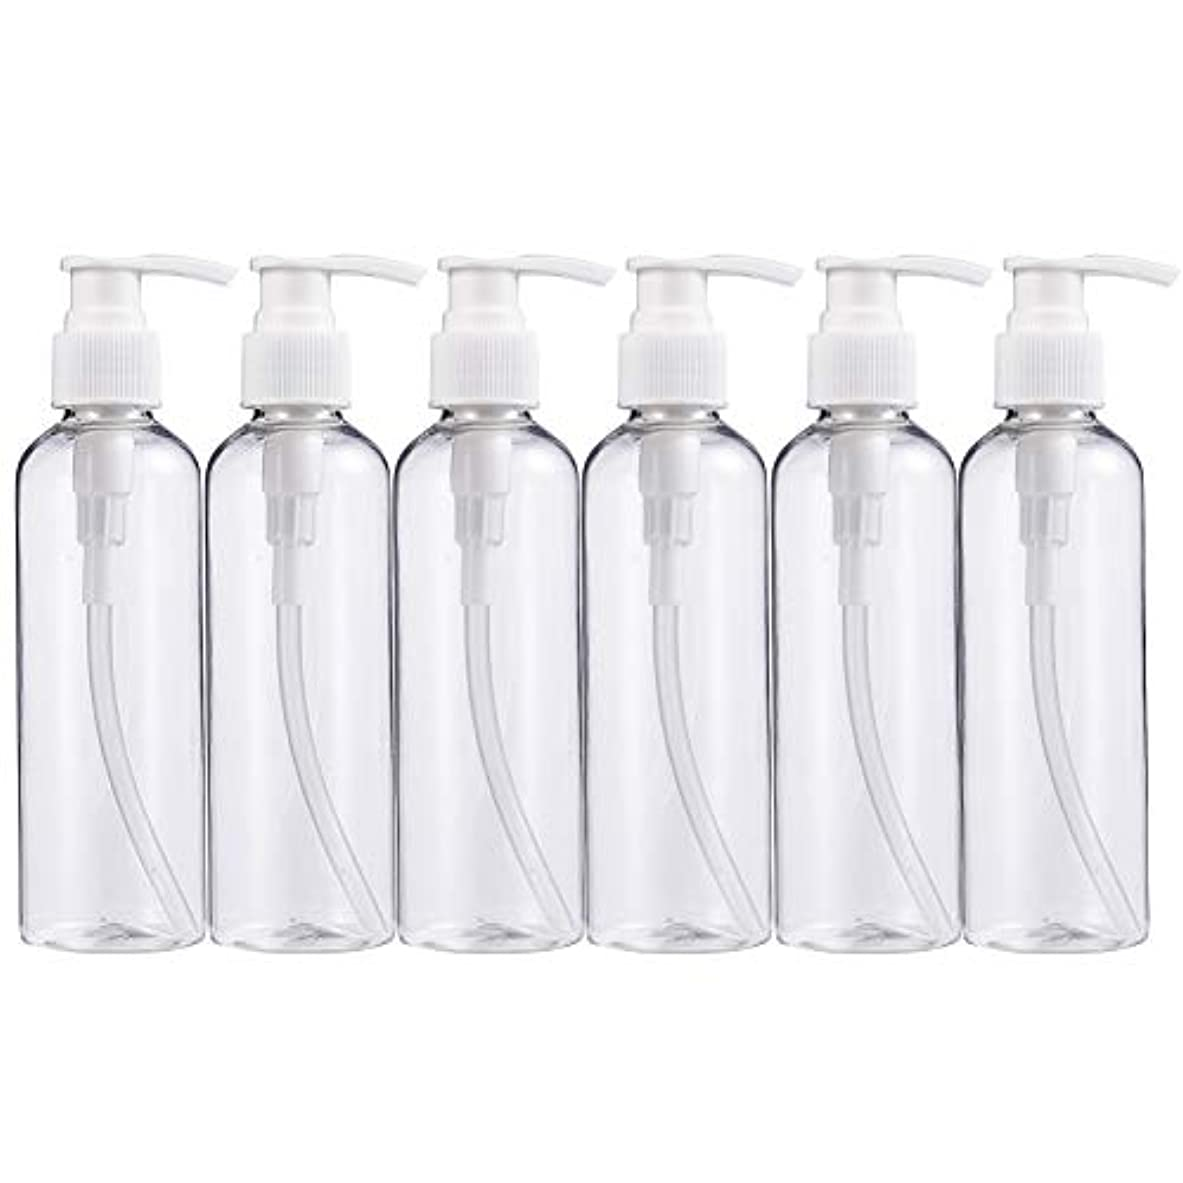 不可能なのぞき見皮肉BENECREAT 200mlプラスティックスボトル 6個セット小分けボトル プラスチック容器 液体用空ボトル 押し式詰替用ボトル 詰め替え シャンプー クリーム 化粧品 収納瓶